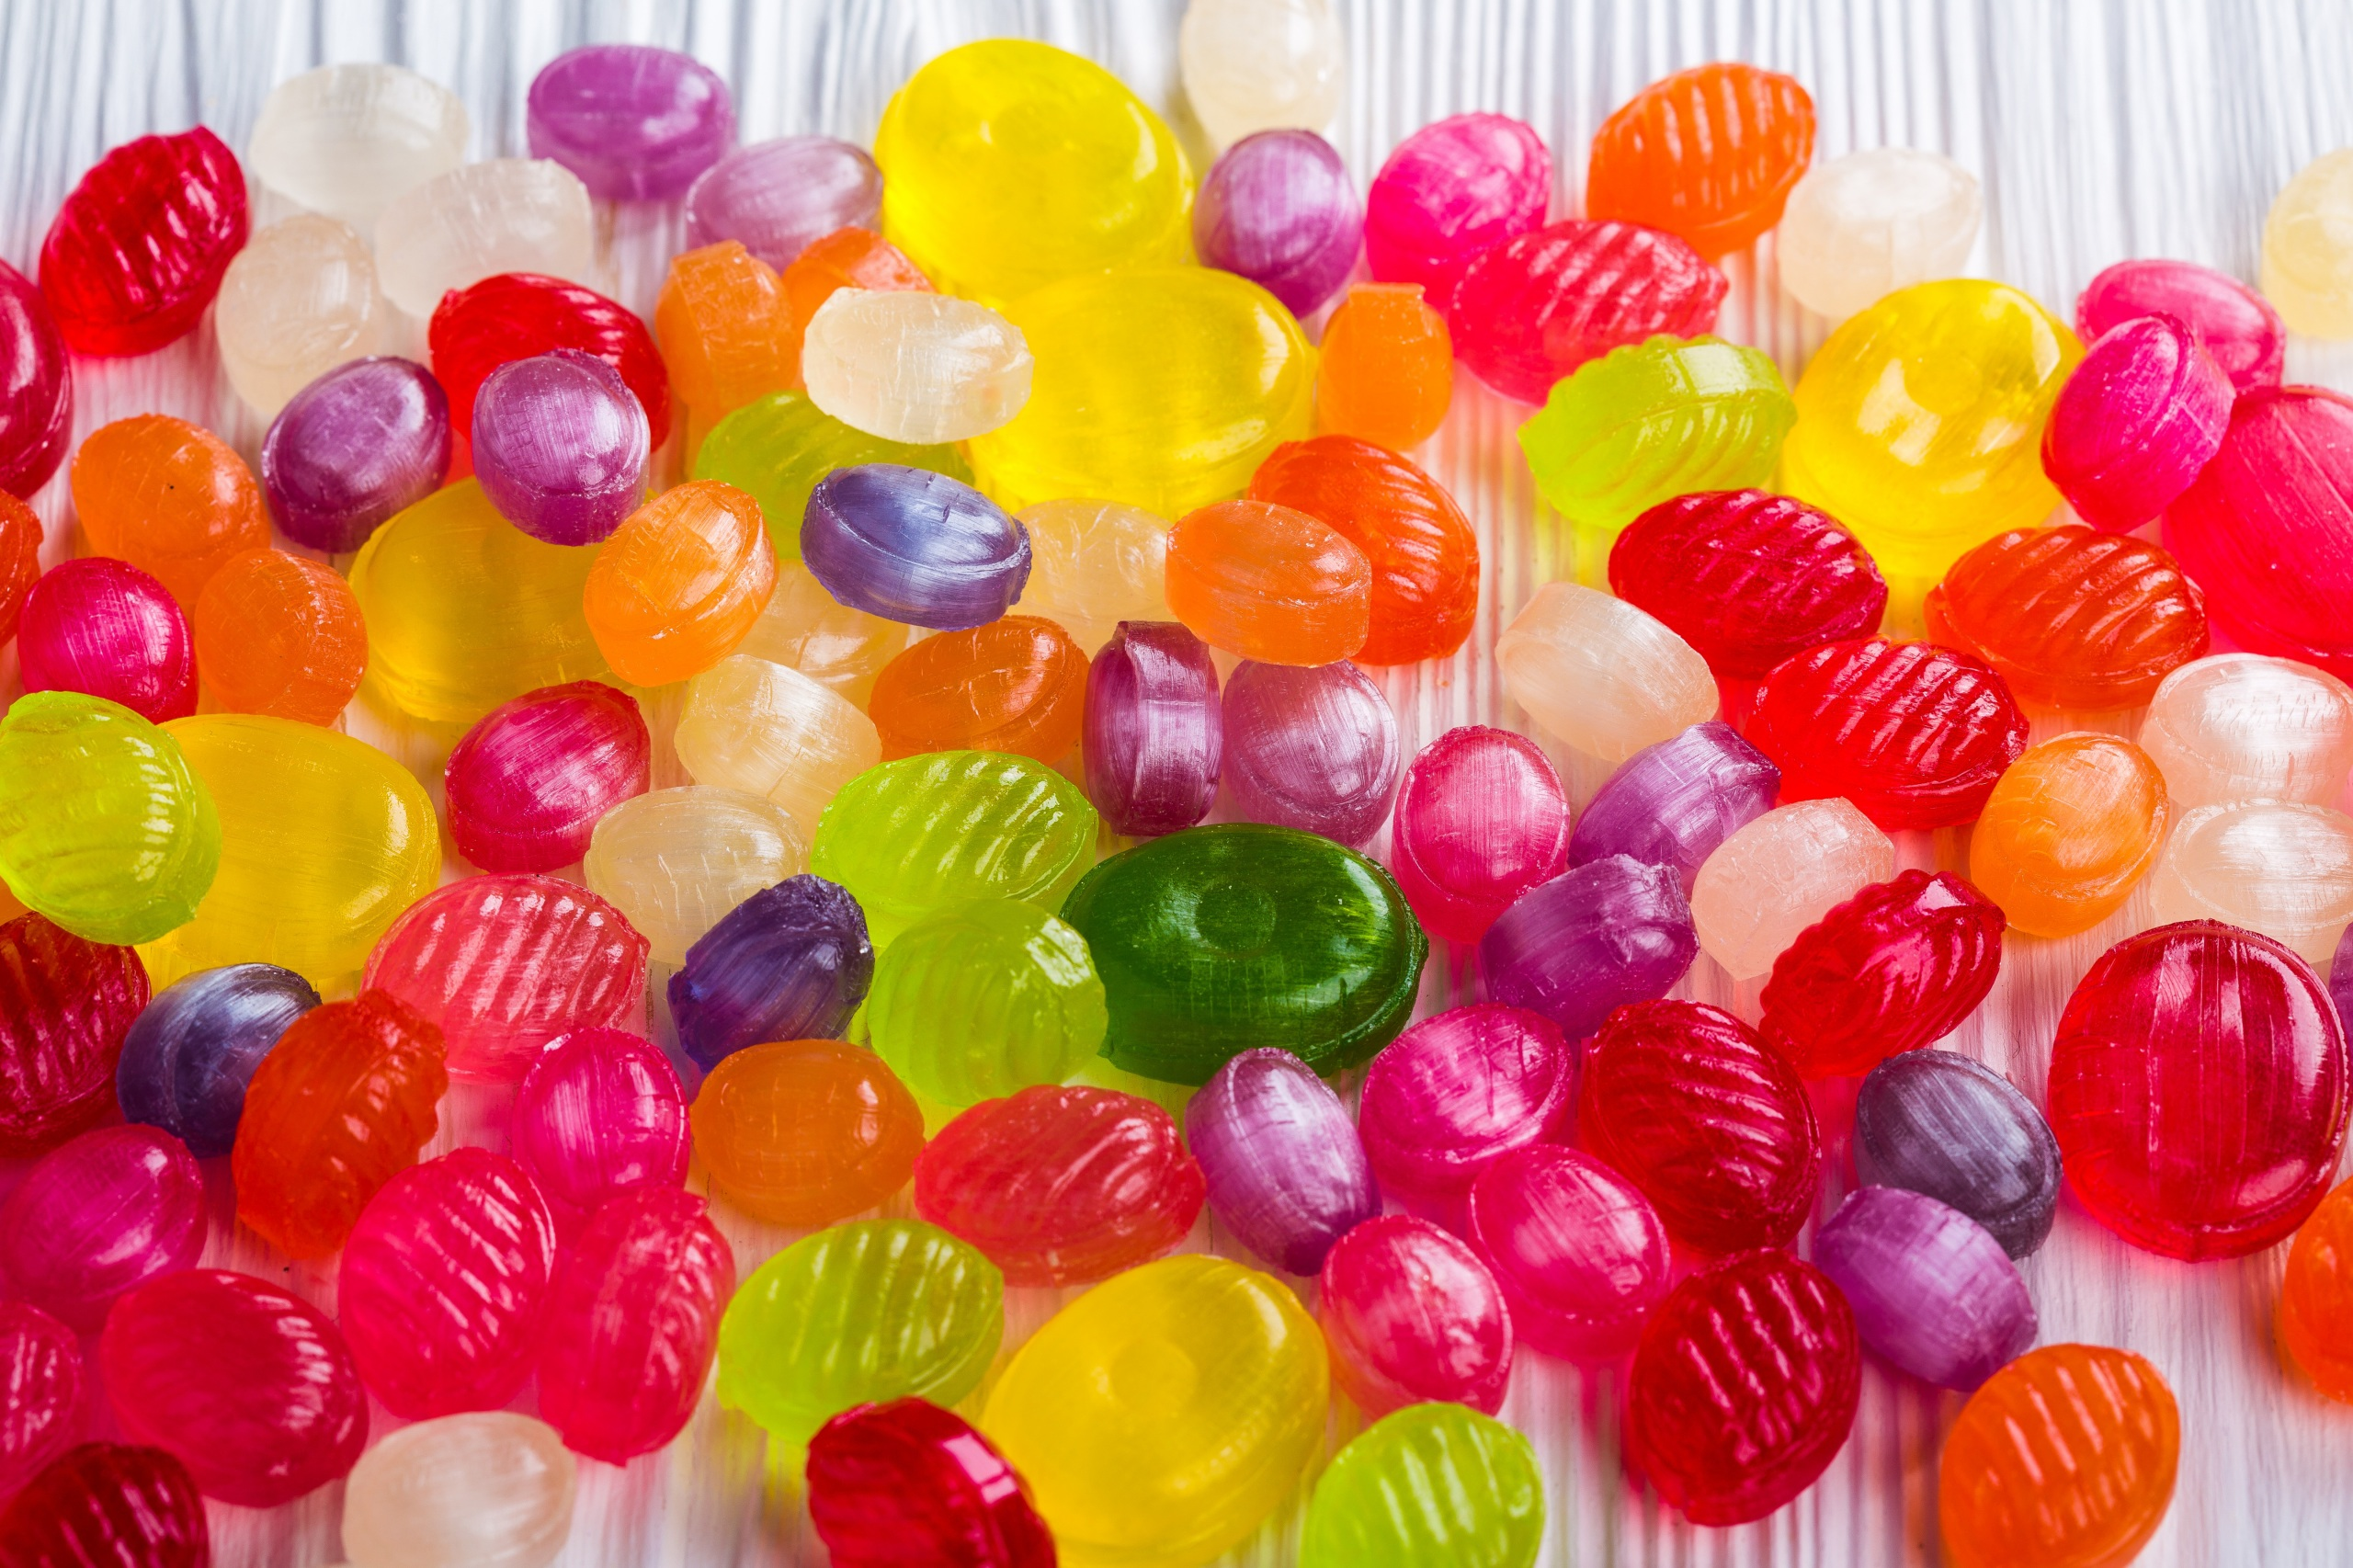 Картинка Разноцветные Конфеты Леденцы Еда Много Сладости 2560x1706 Пища Продукты питания